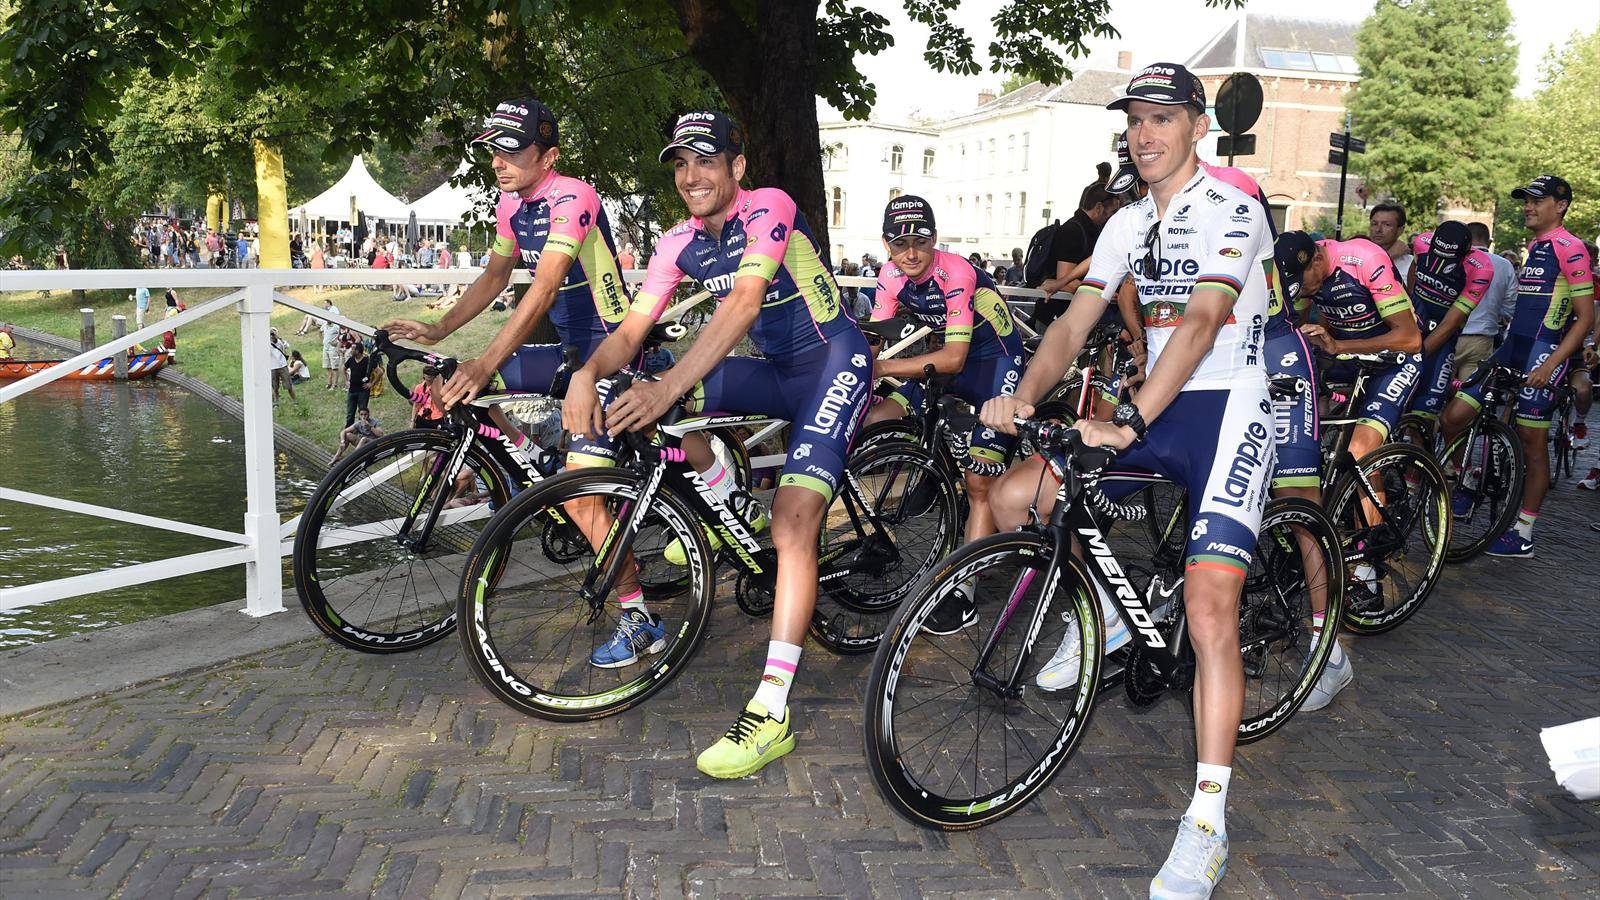 Rui Costa et les coureurs de la Lampre lors de la présentation du Tour de France 2015 à Utrecht